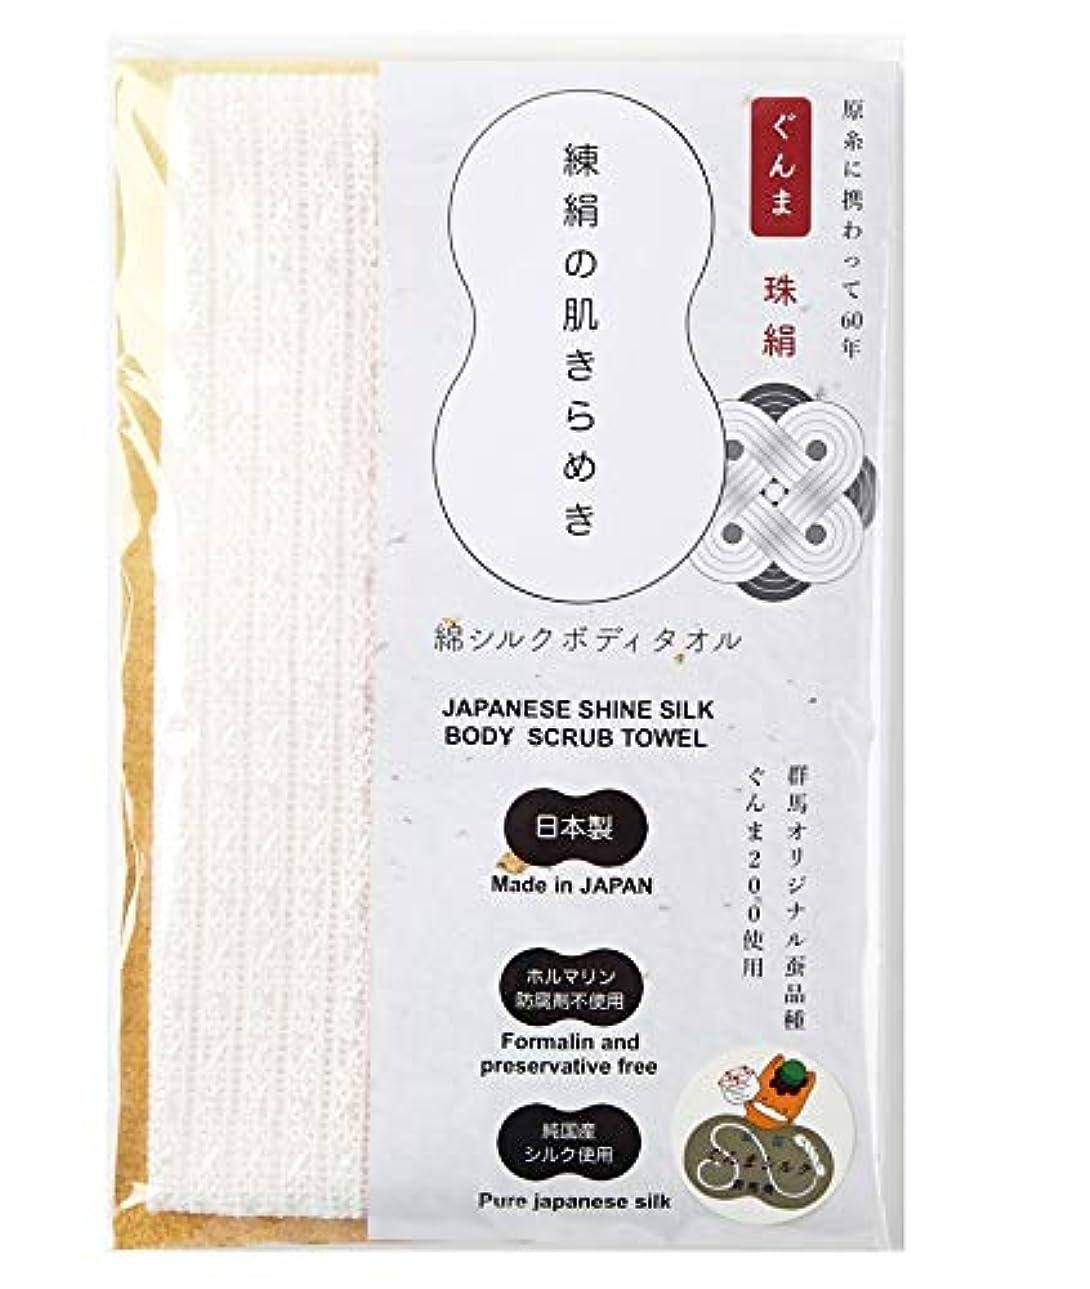 記憶マイナーエチケットくーる&ほっと 珠絹(たまぎぬ) 練絹の肌きらめき 純国産絹(ぐんまシルク)使用 日本製 綿シルクボディタオル